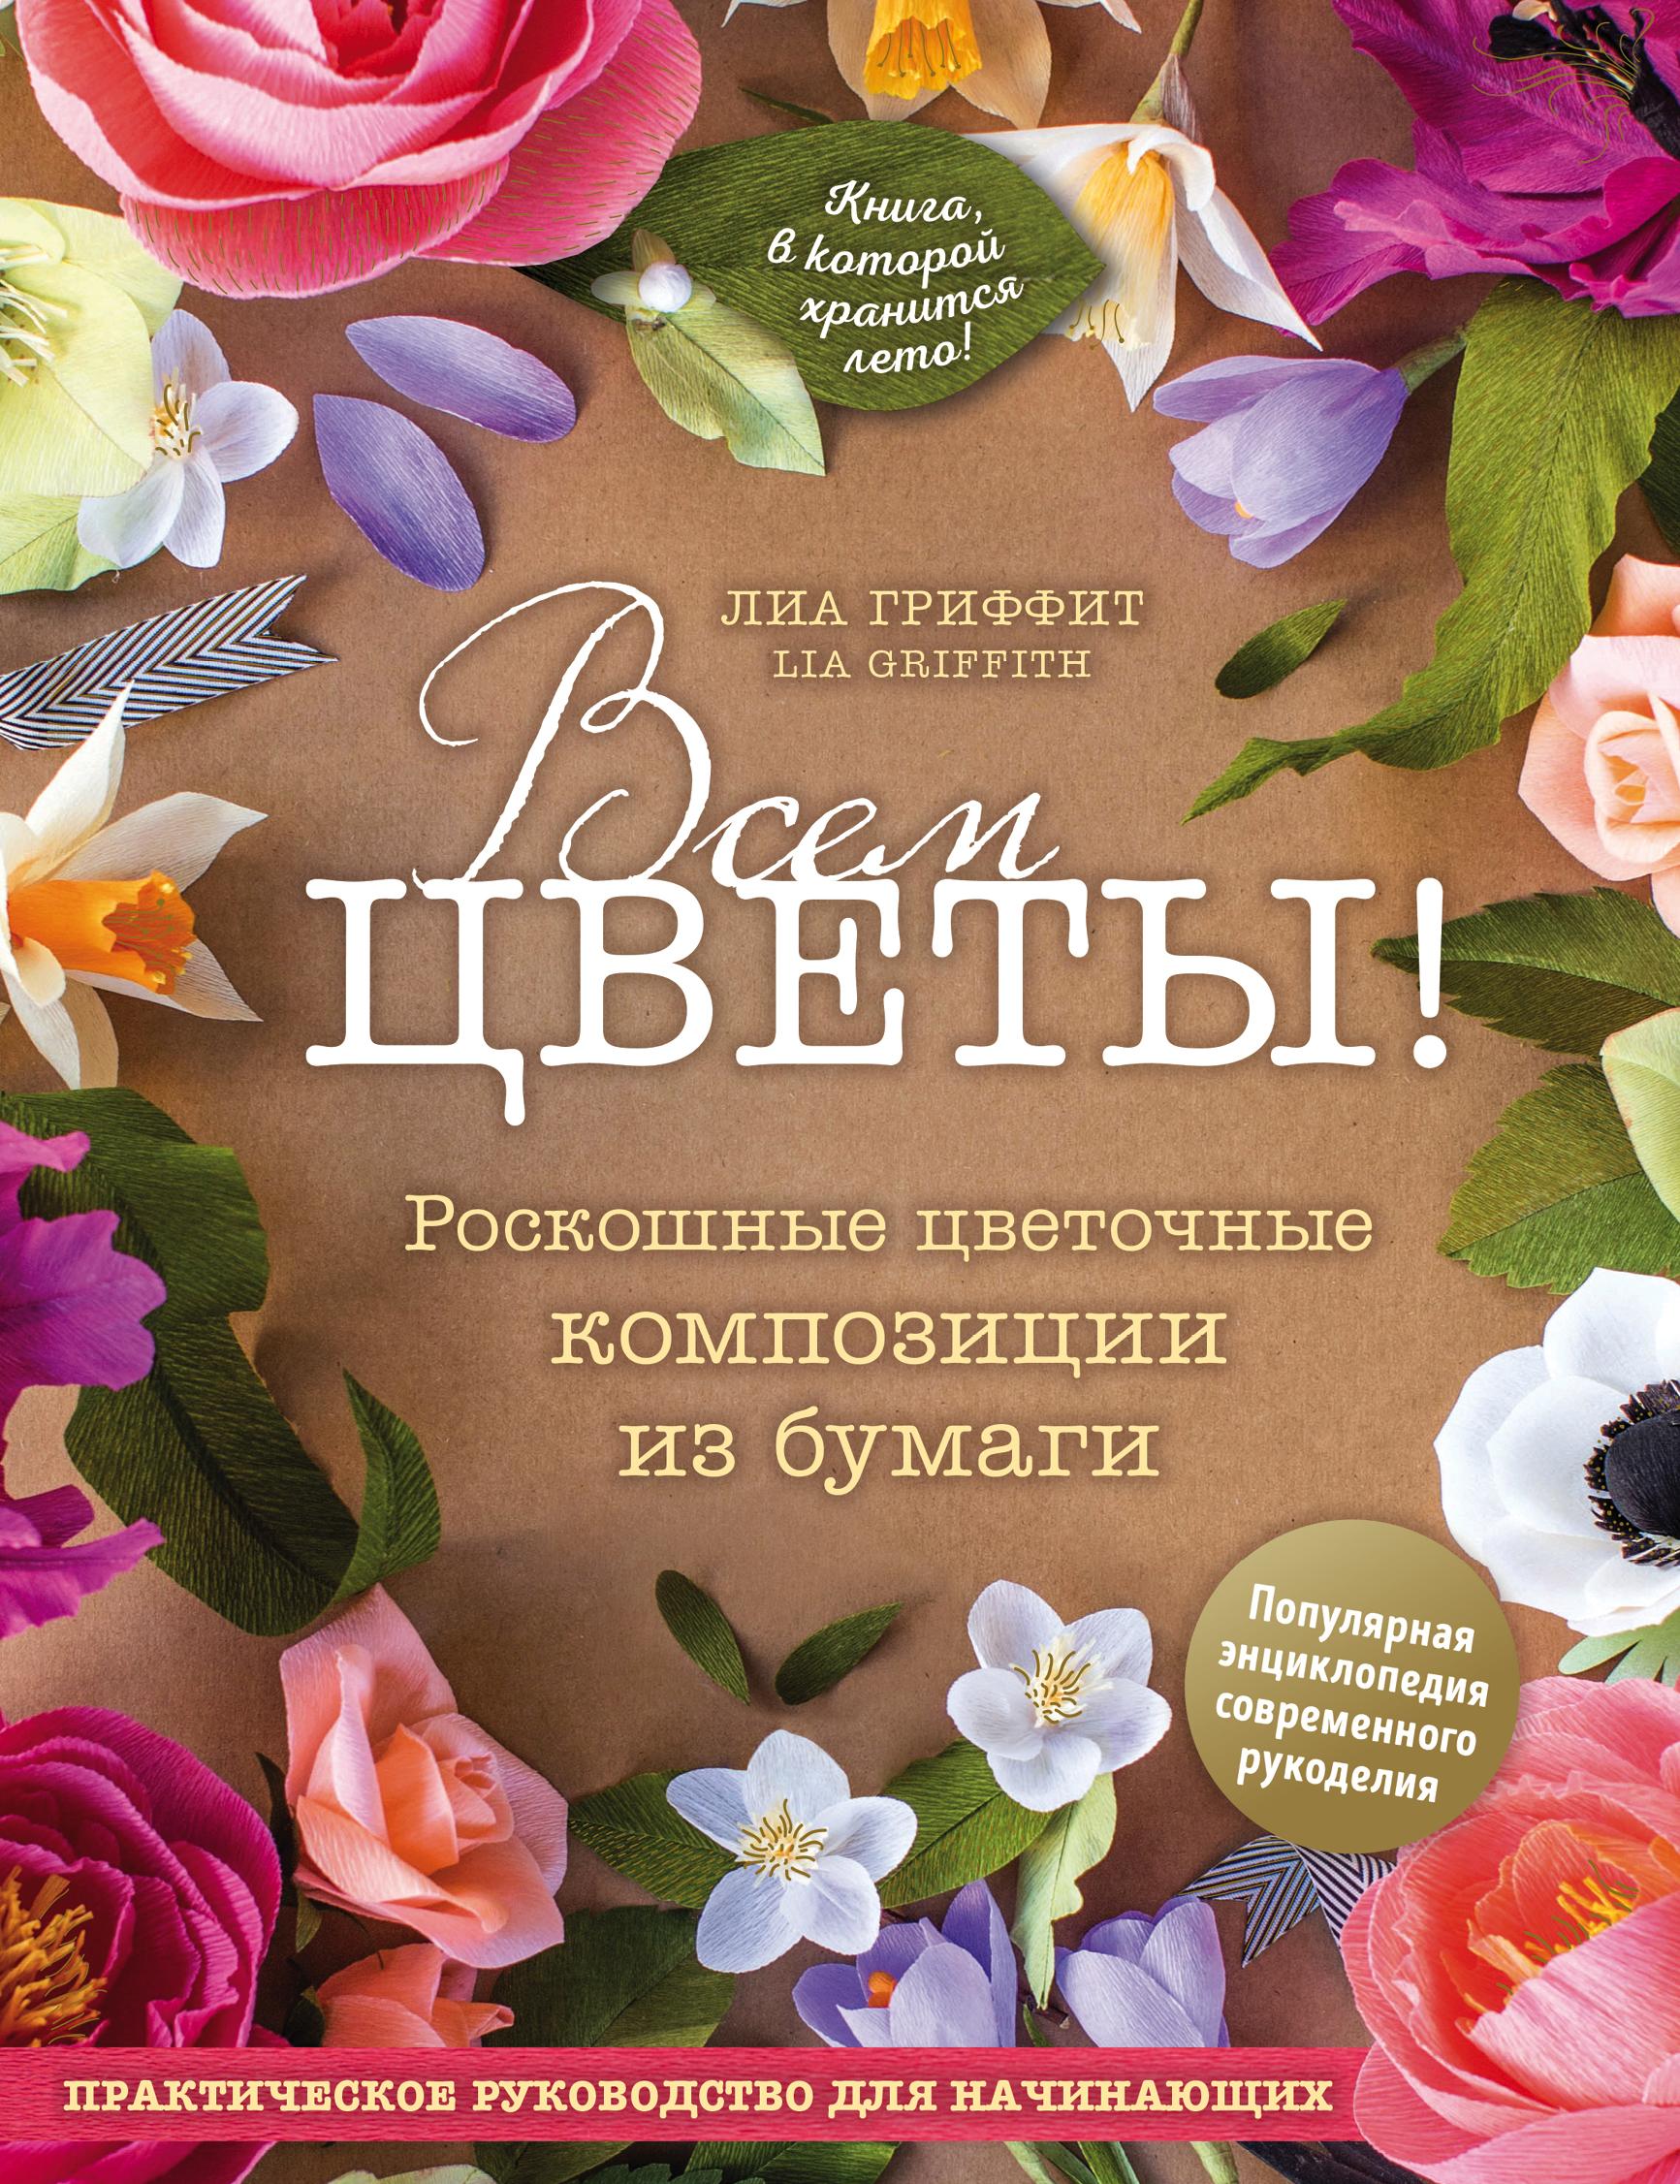 Лиа Гриффит Всем цветы! Роскошные цветочные композиции из бумаги